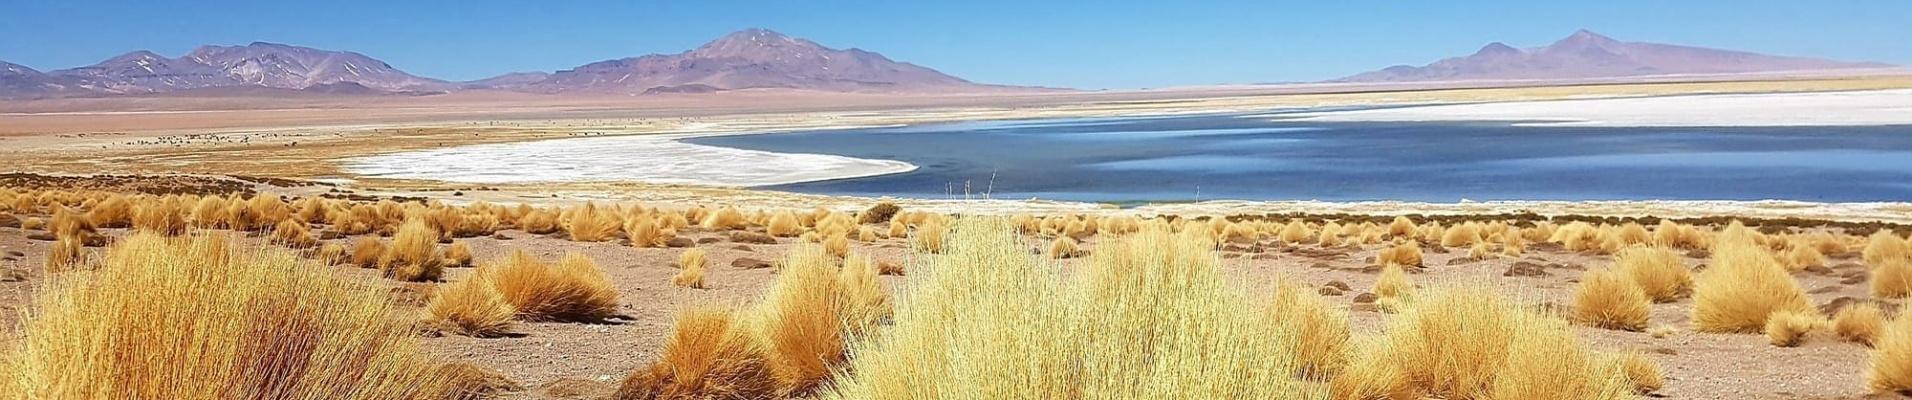 Voyager au Chili : paysages du nord, désert d'Atacama